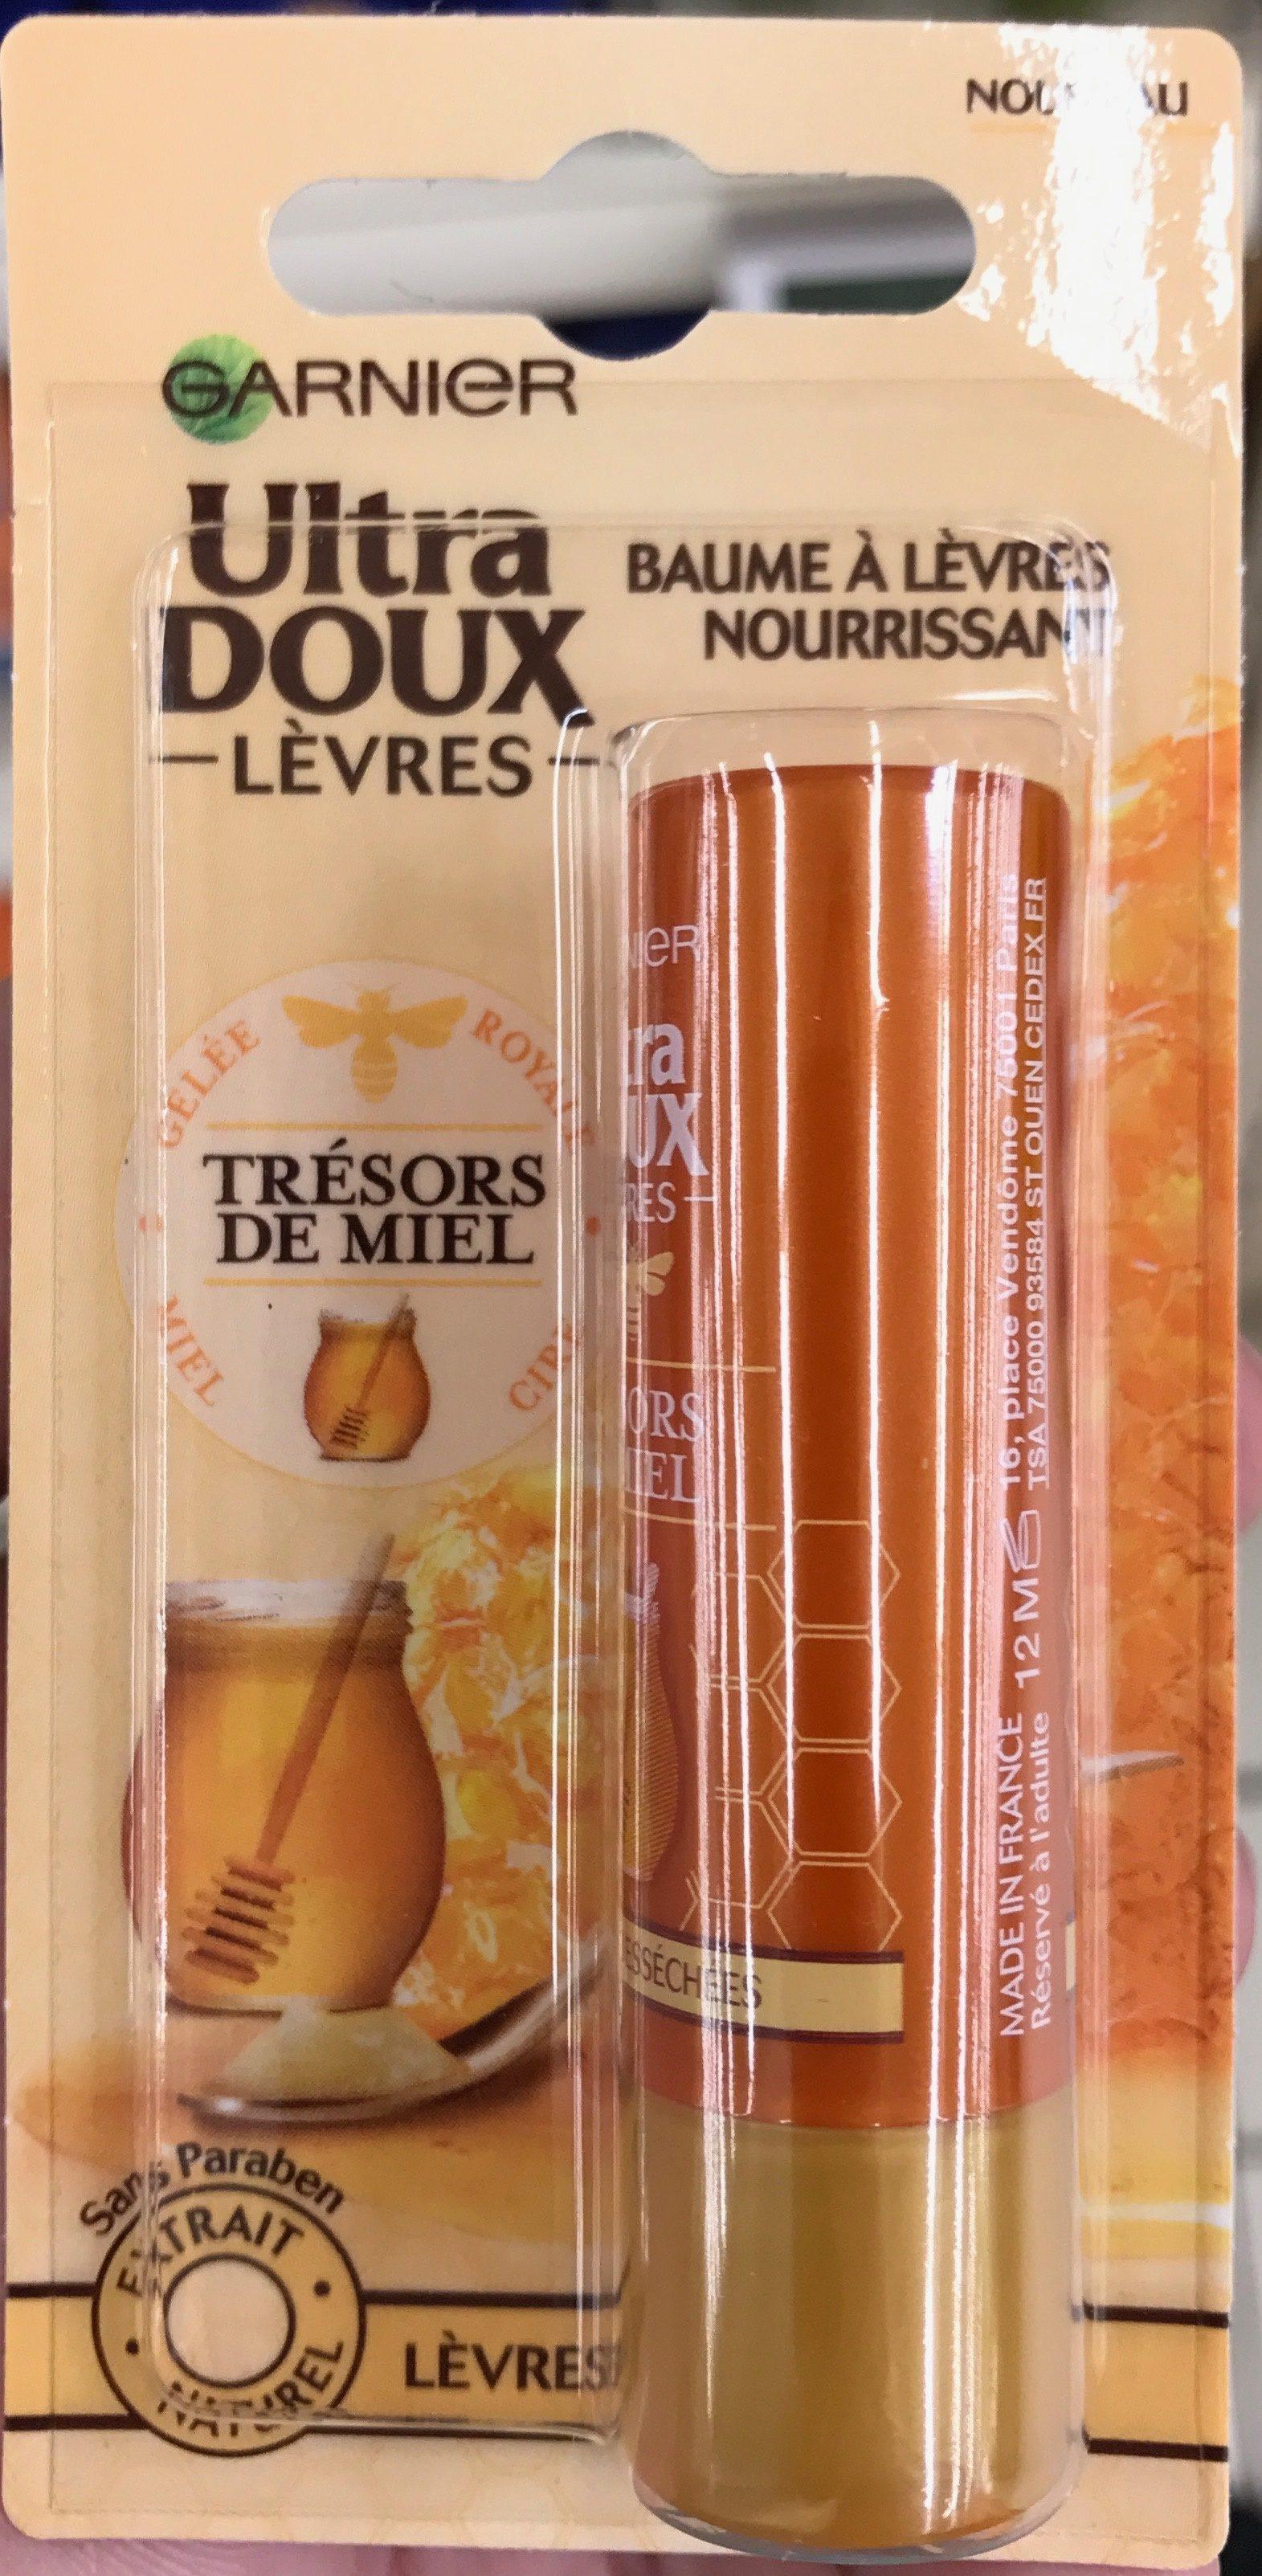 Ultra Doux Lèvres Baume à lèvres nourrissant Trésors de Miel - Product